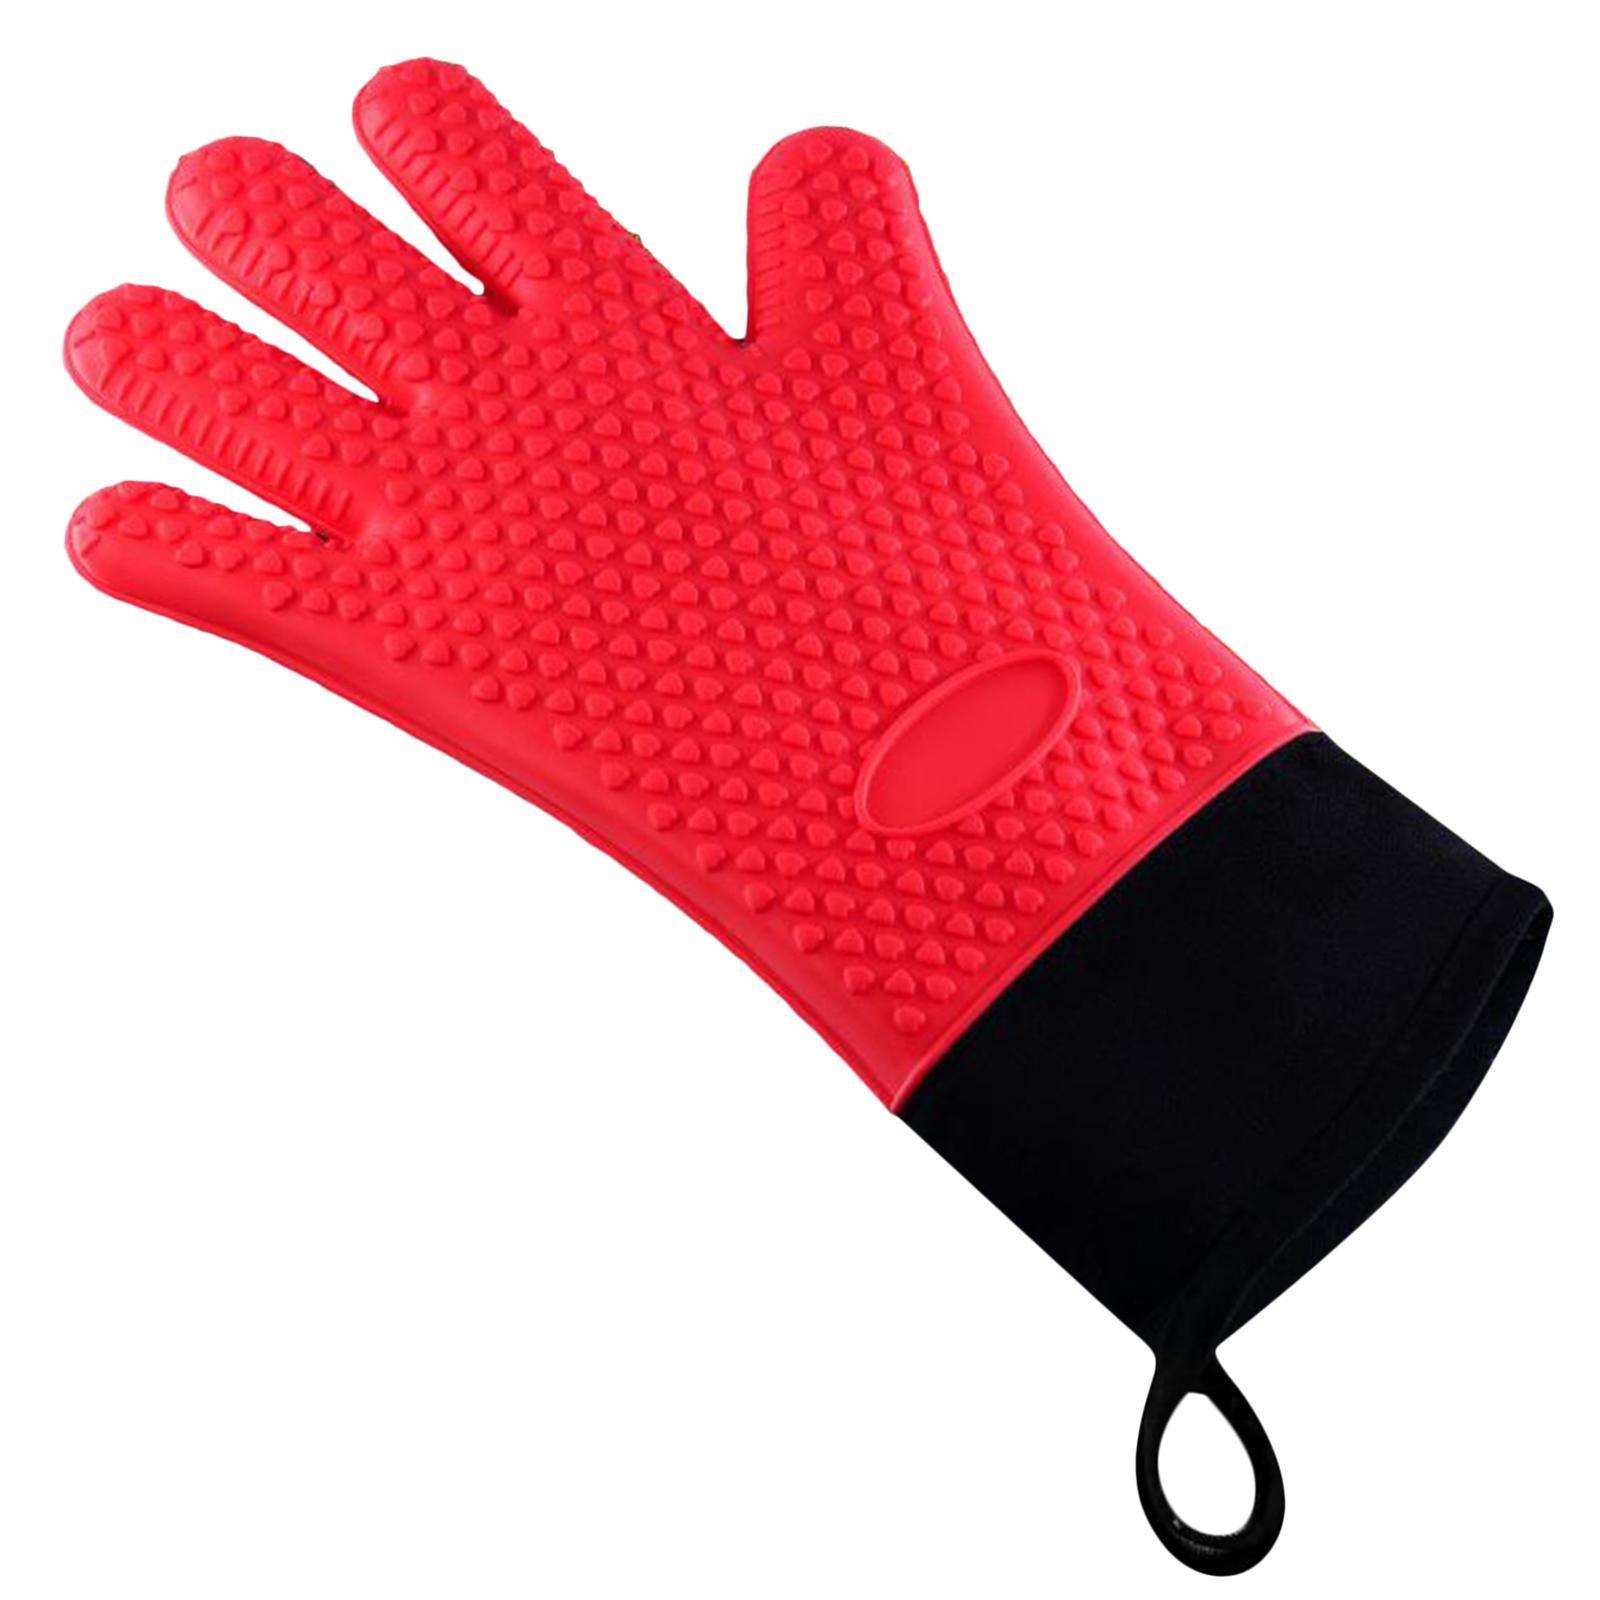 Guantes-para-horno-de-cocina-con-aislamiento-de-silicona-antideslizantes-guantes miniatura 11